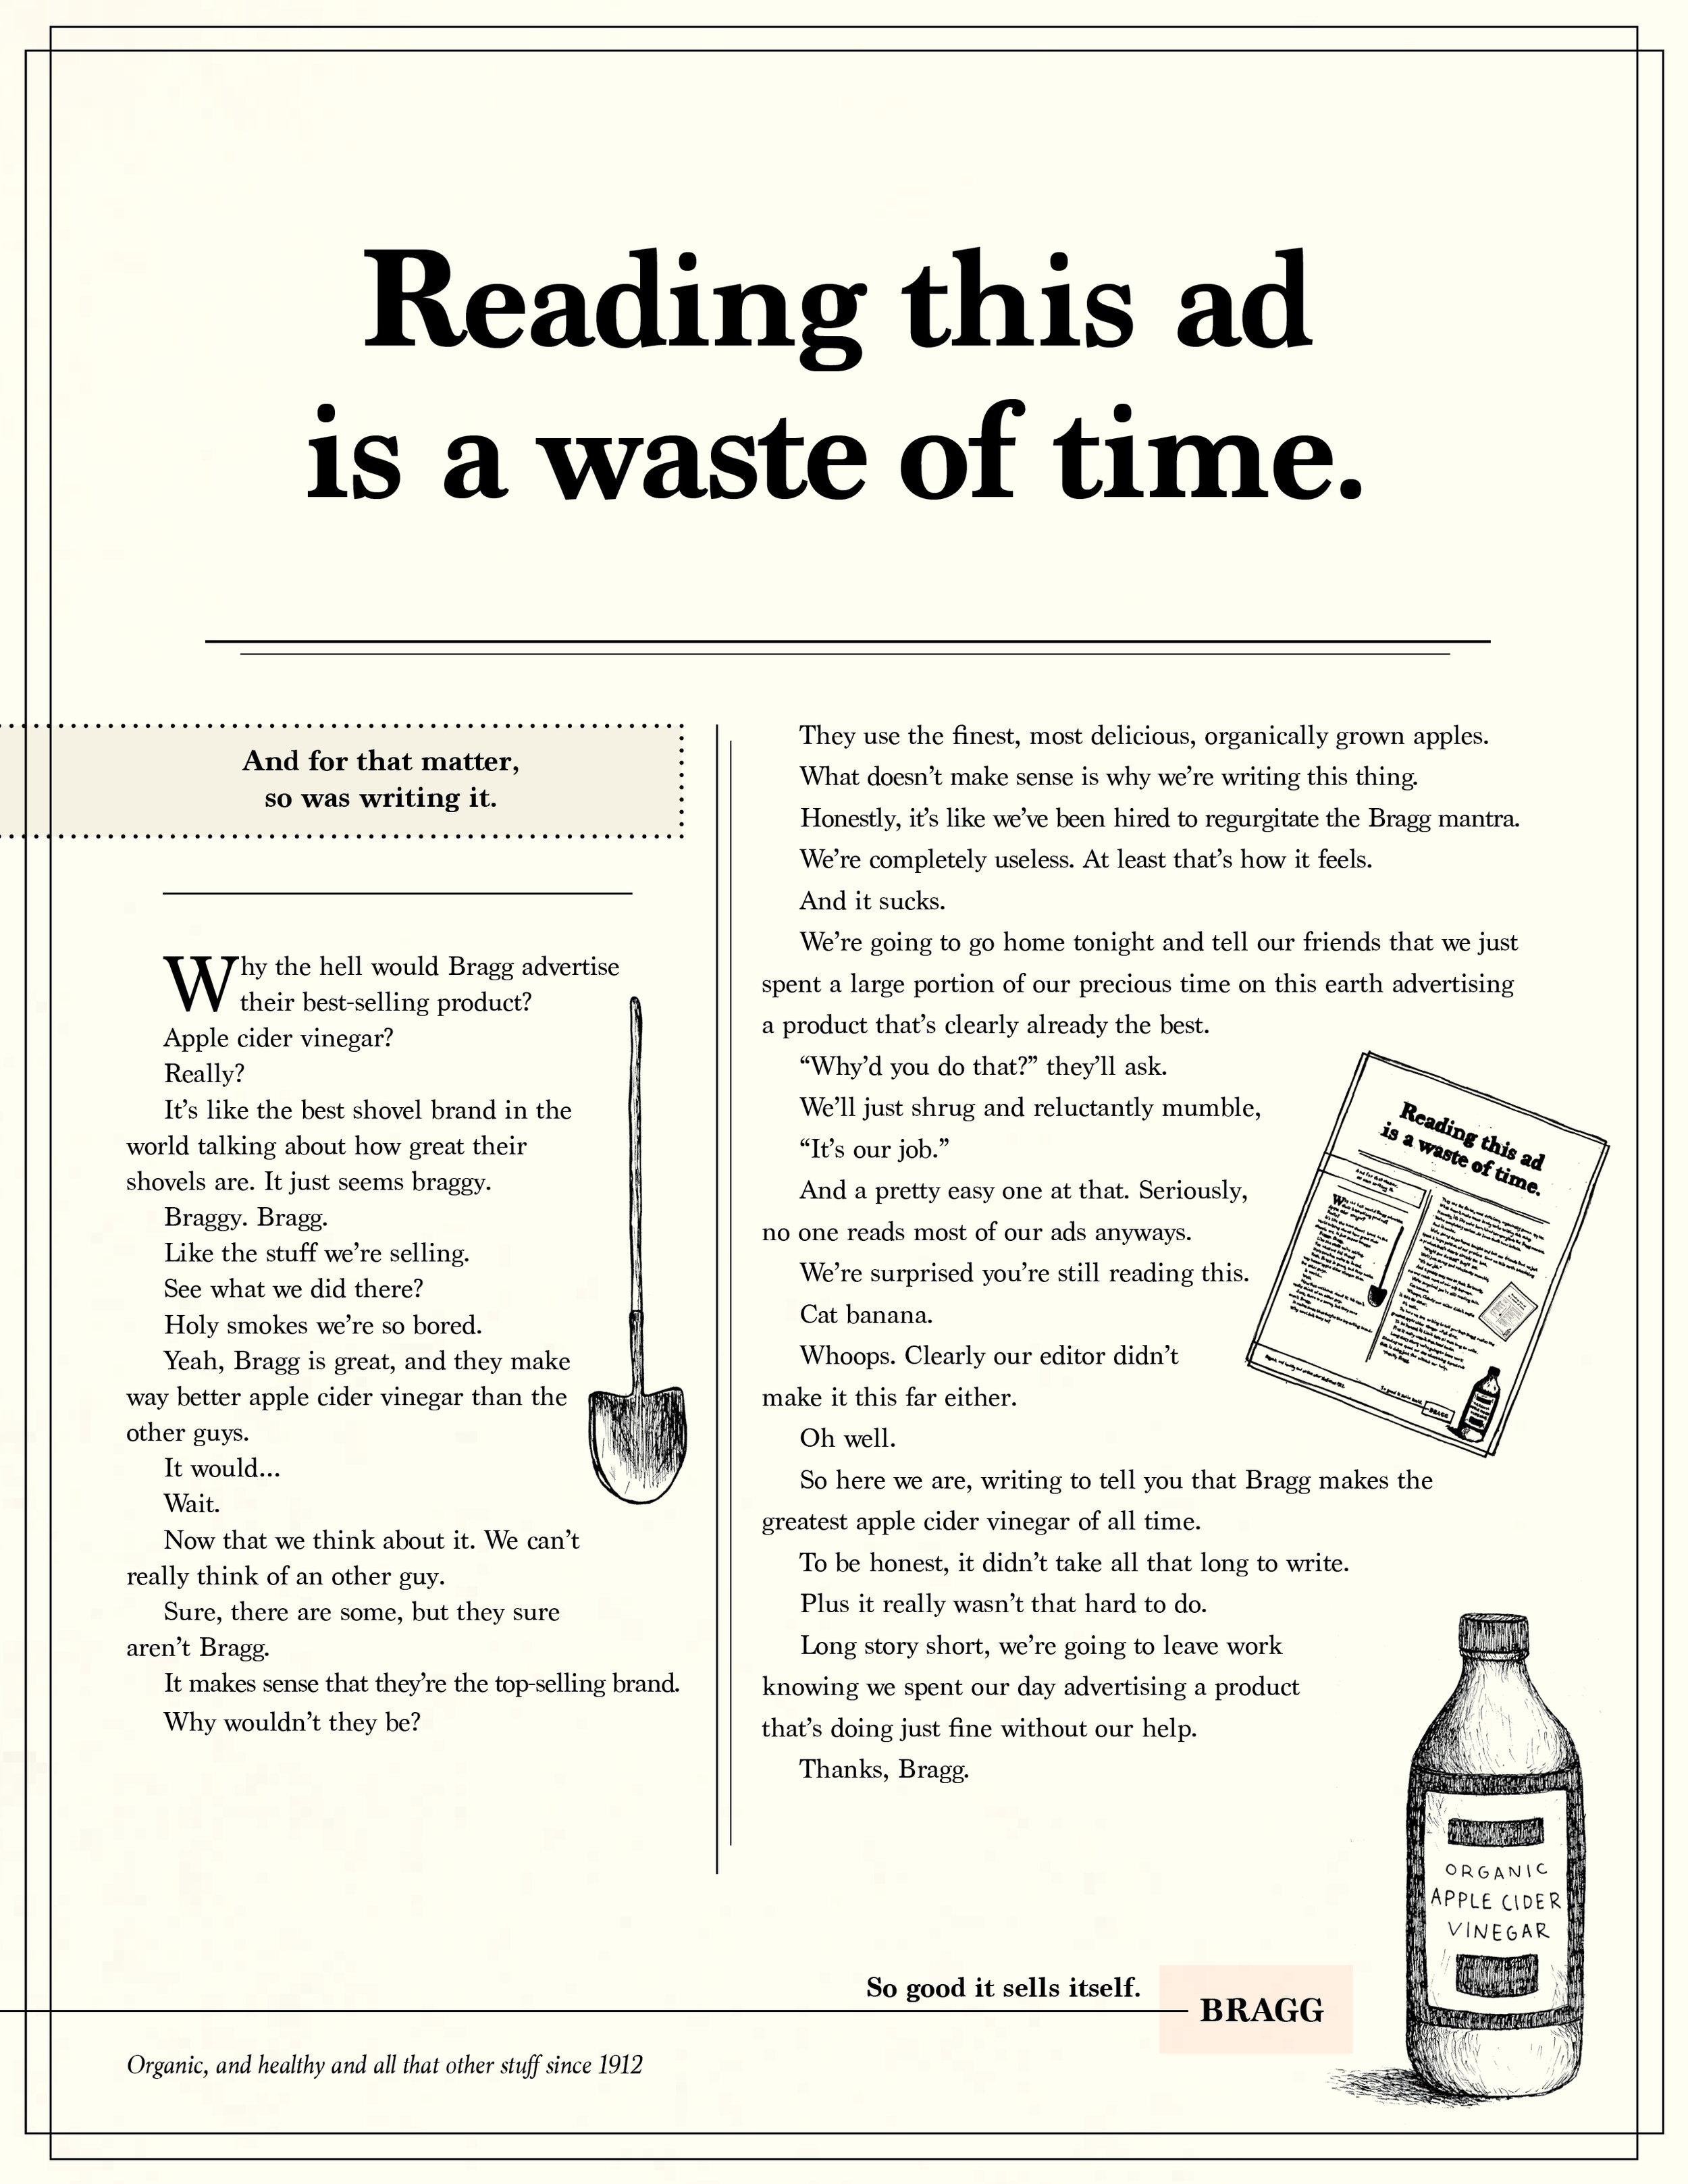 Bragg's Long Copy Ads1.jpg